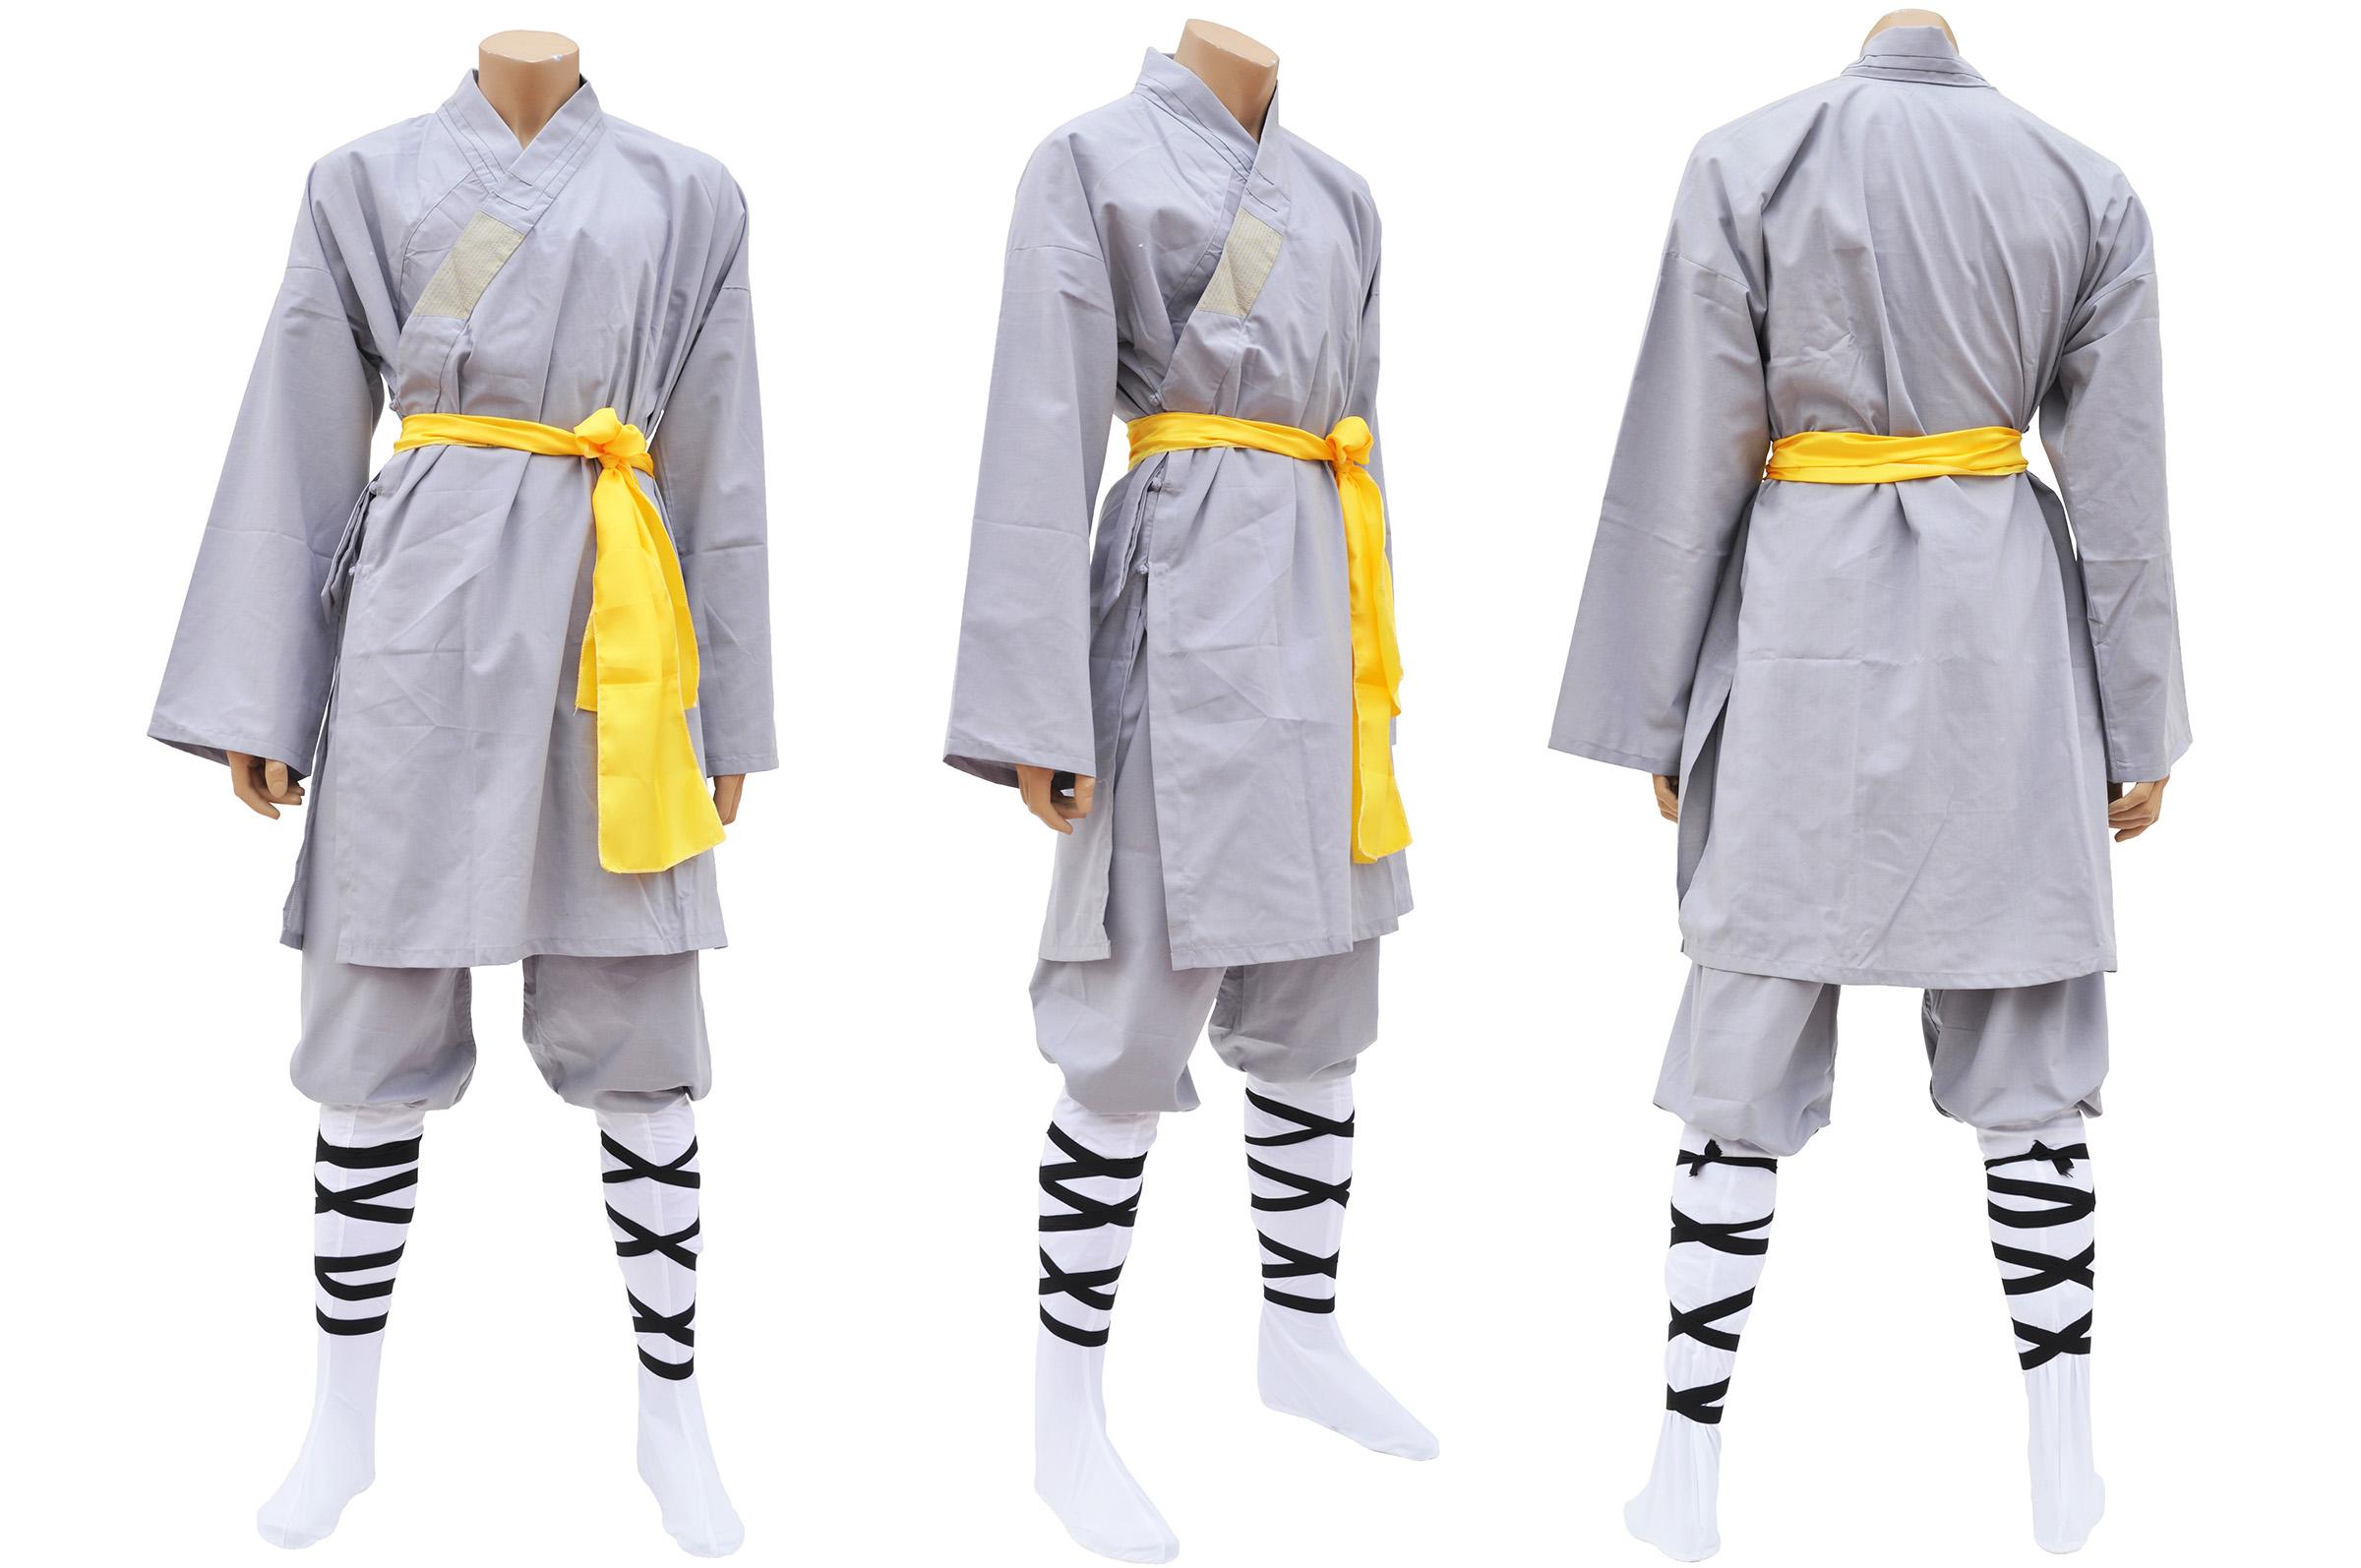 Shaolin Uniform 109